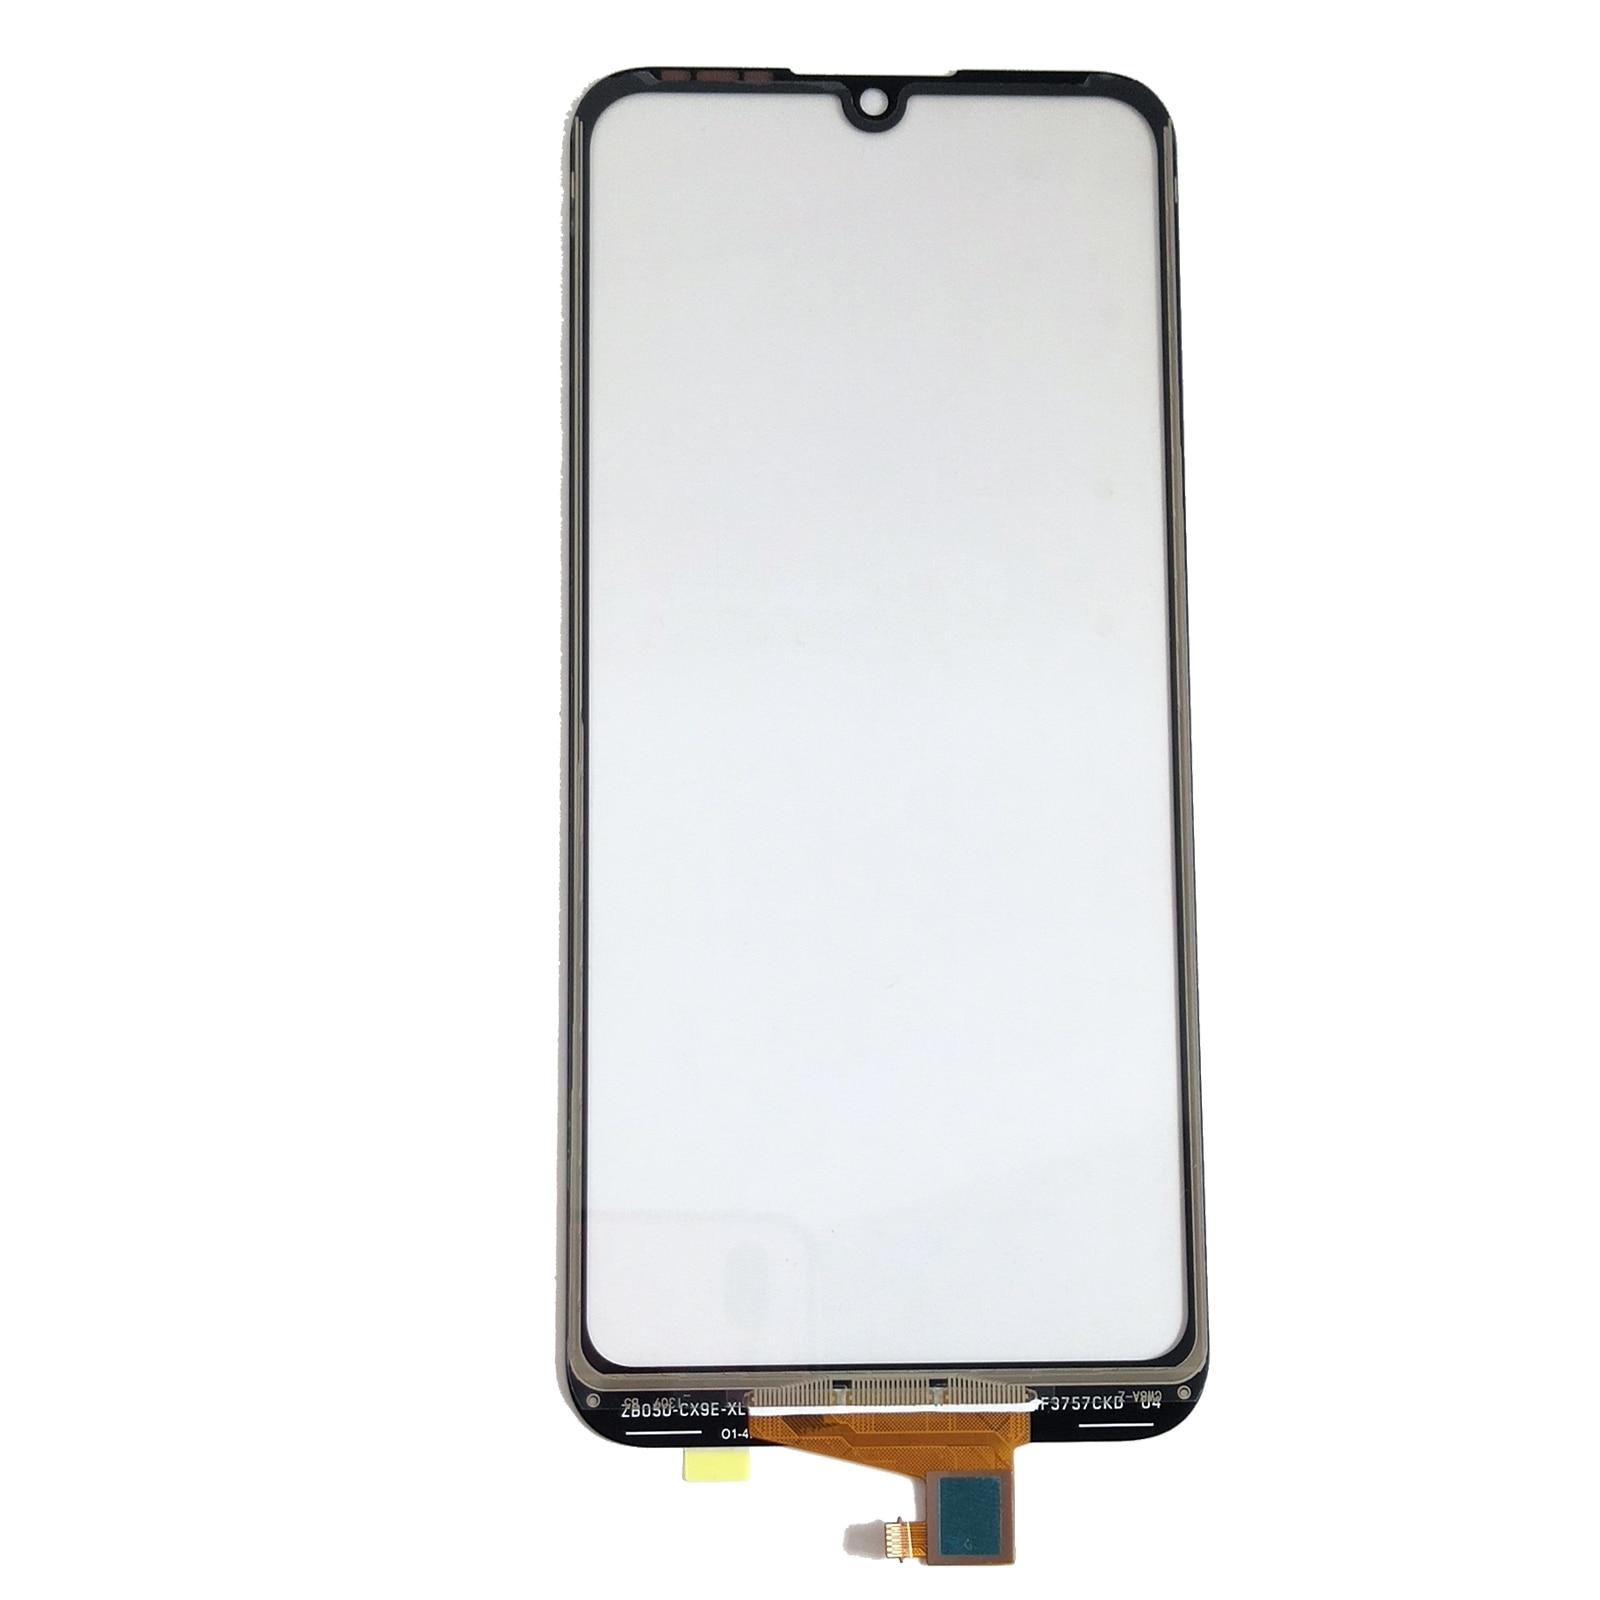 """פלאזמה Shyueda 100% בניו 6.09"""" עבור Huawei Y6 / ראש Y6 2019 MRD-LX1 LX1F Outer קדמי מסך זכוכית Touch (3)"""